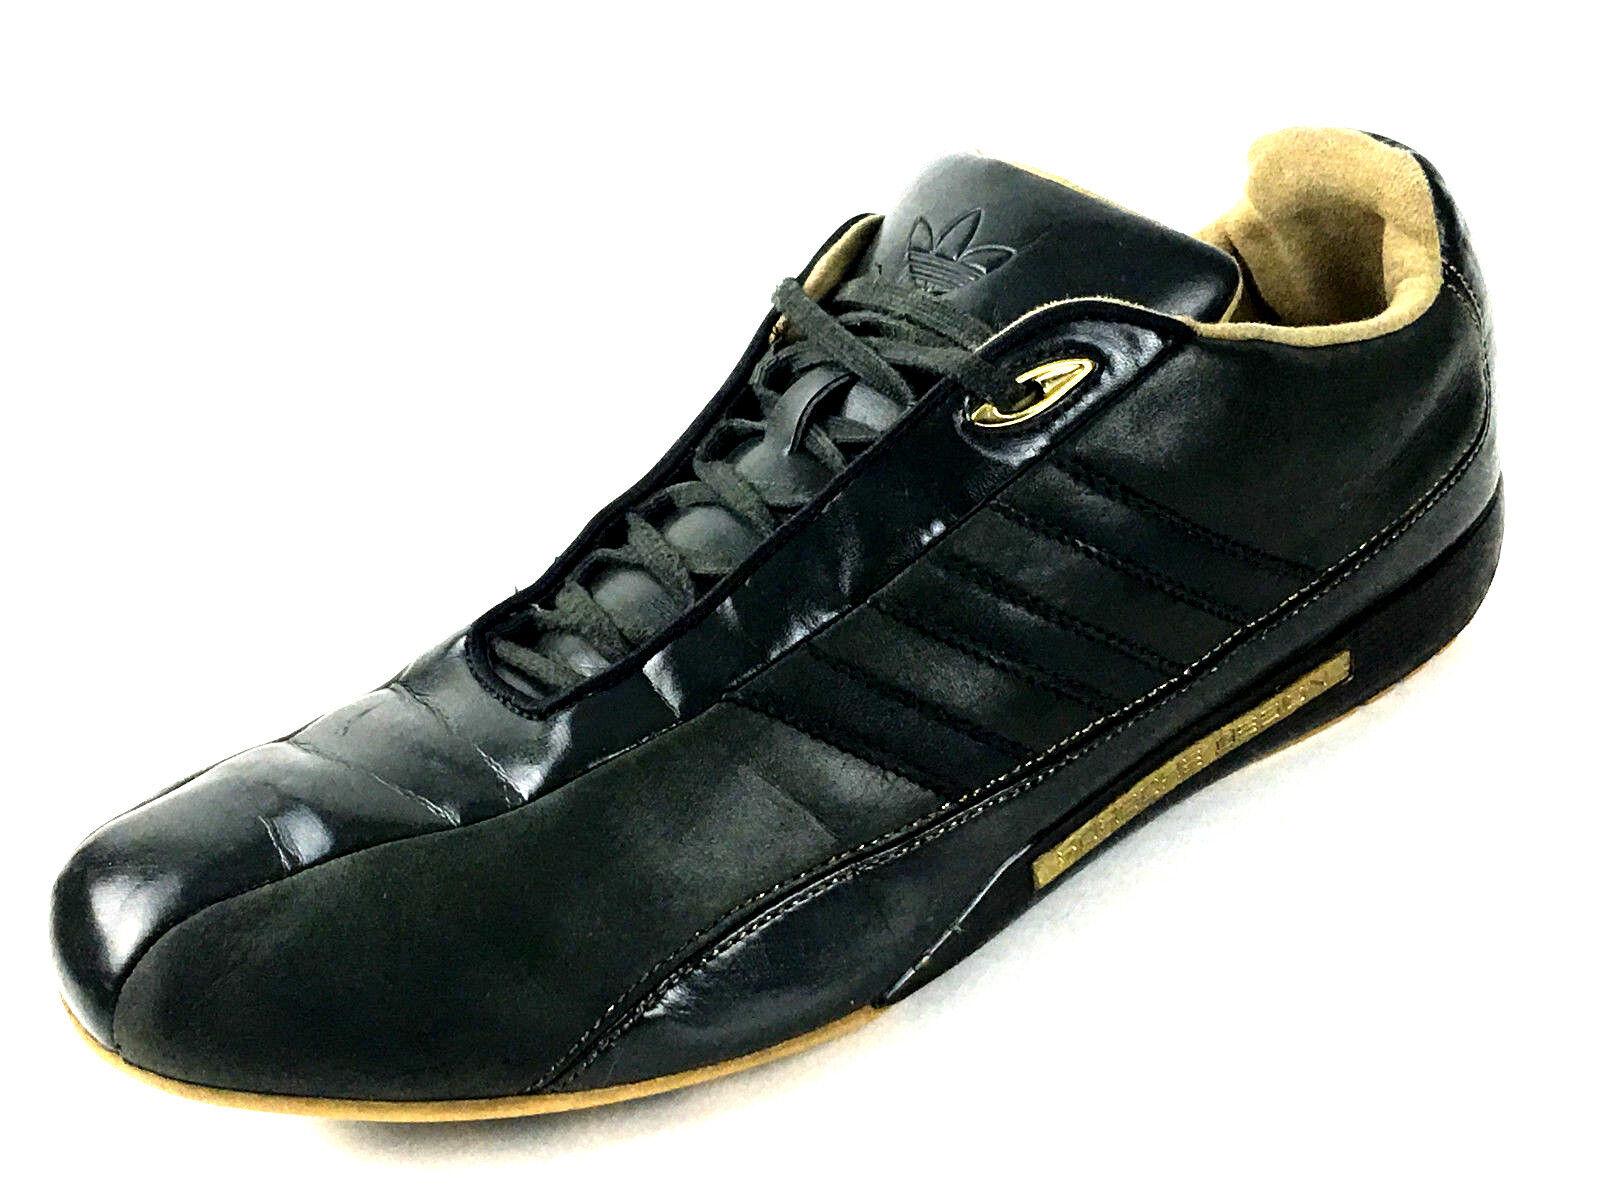 Porsche Design Adidas Sneaker shoes Size US. 10.5 UK.10 EUR.43.5